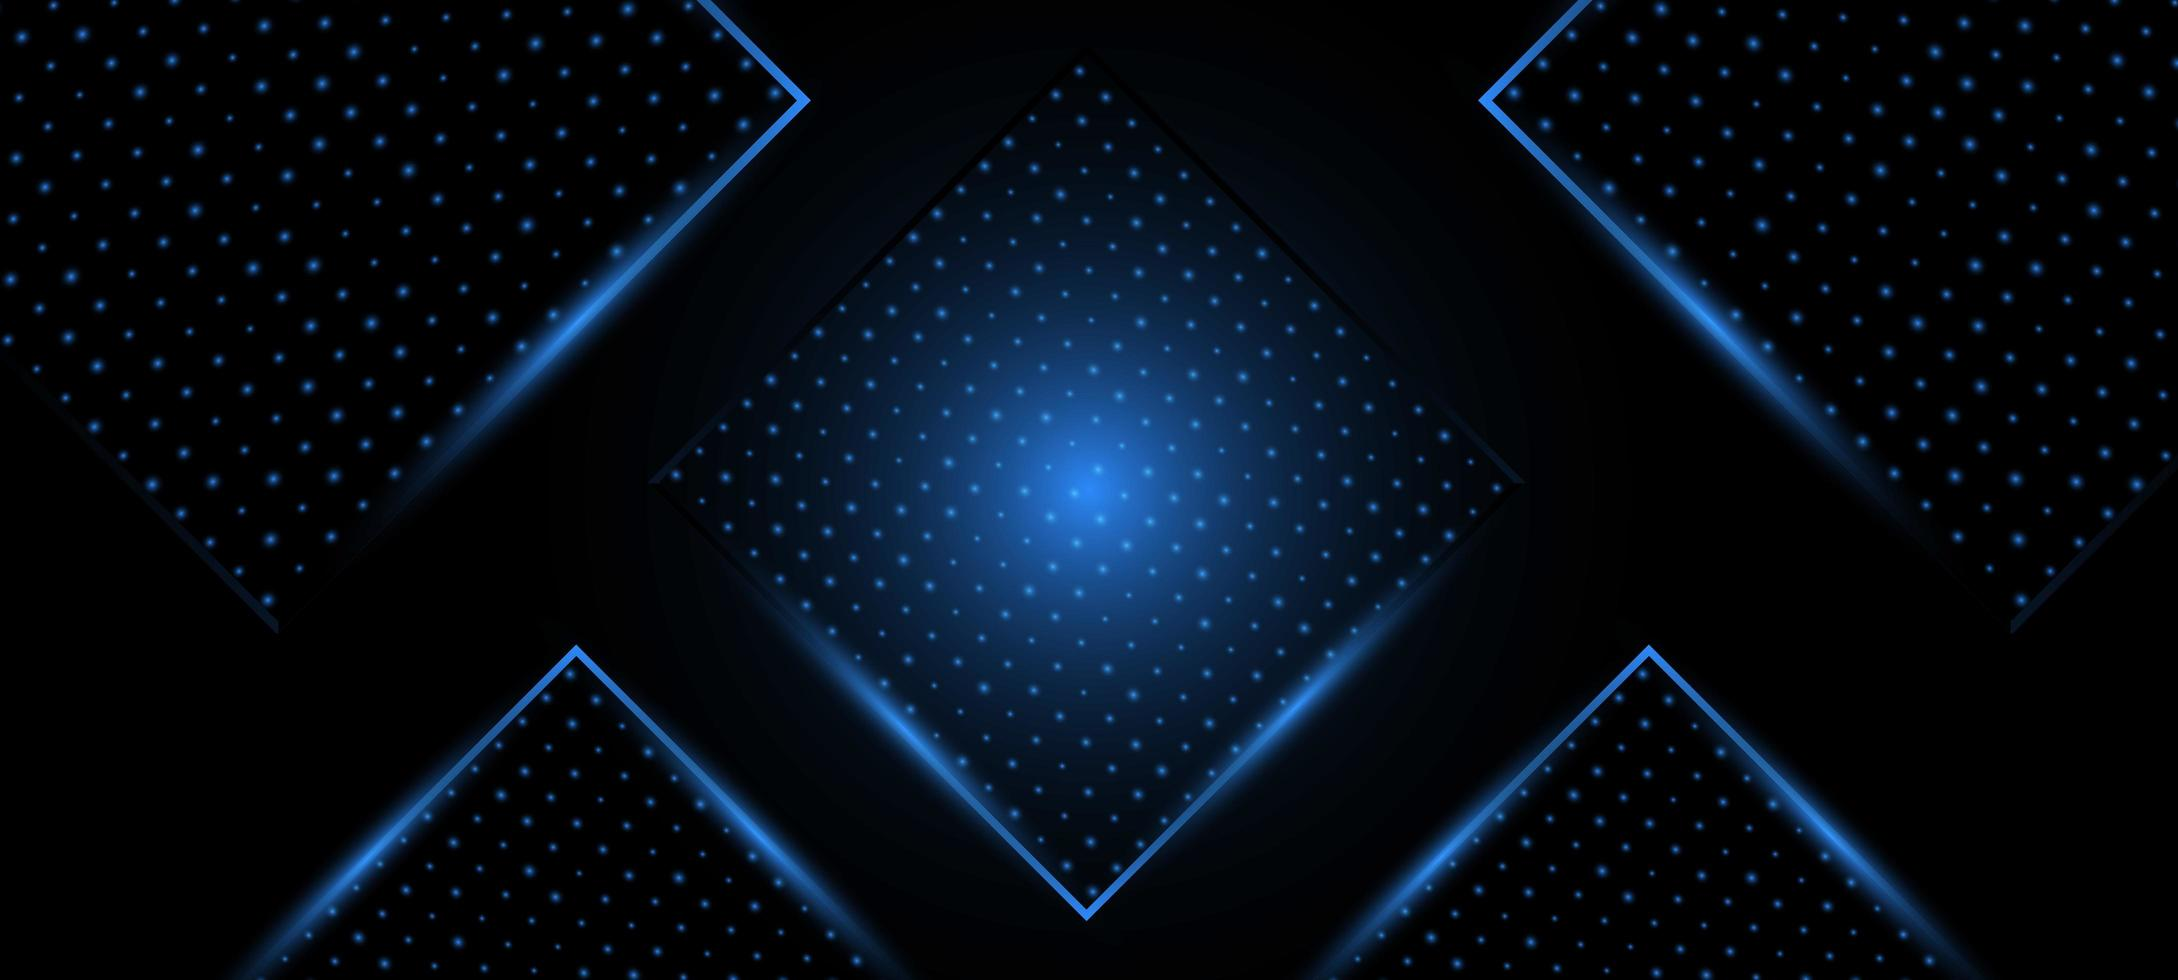 blaues Licht Hintergrund vektor